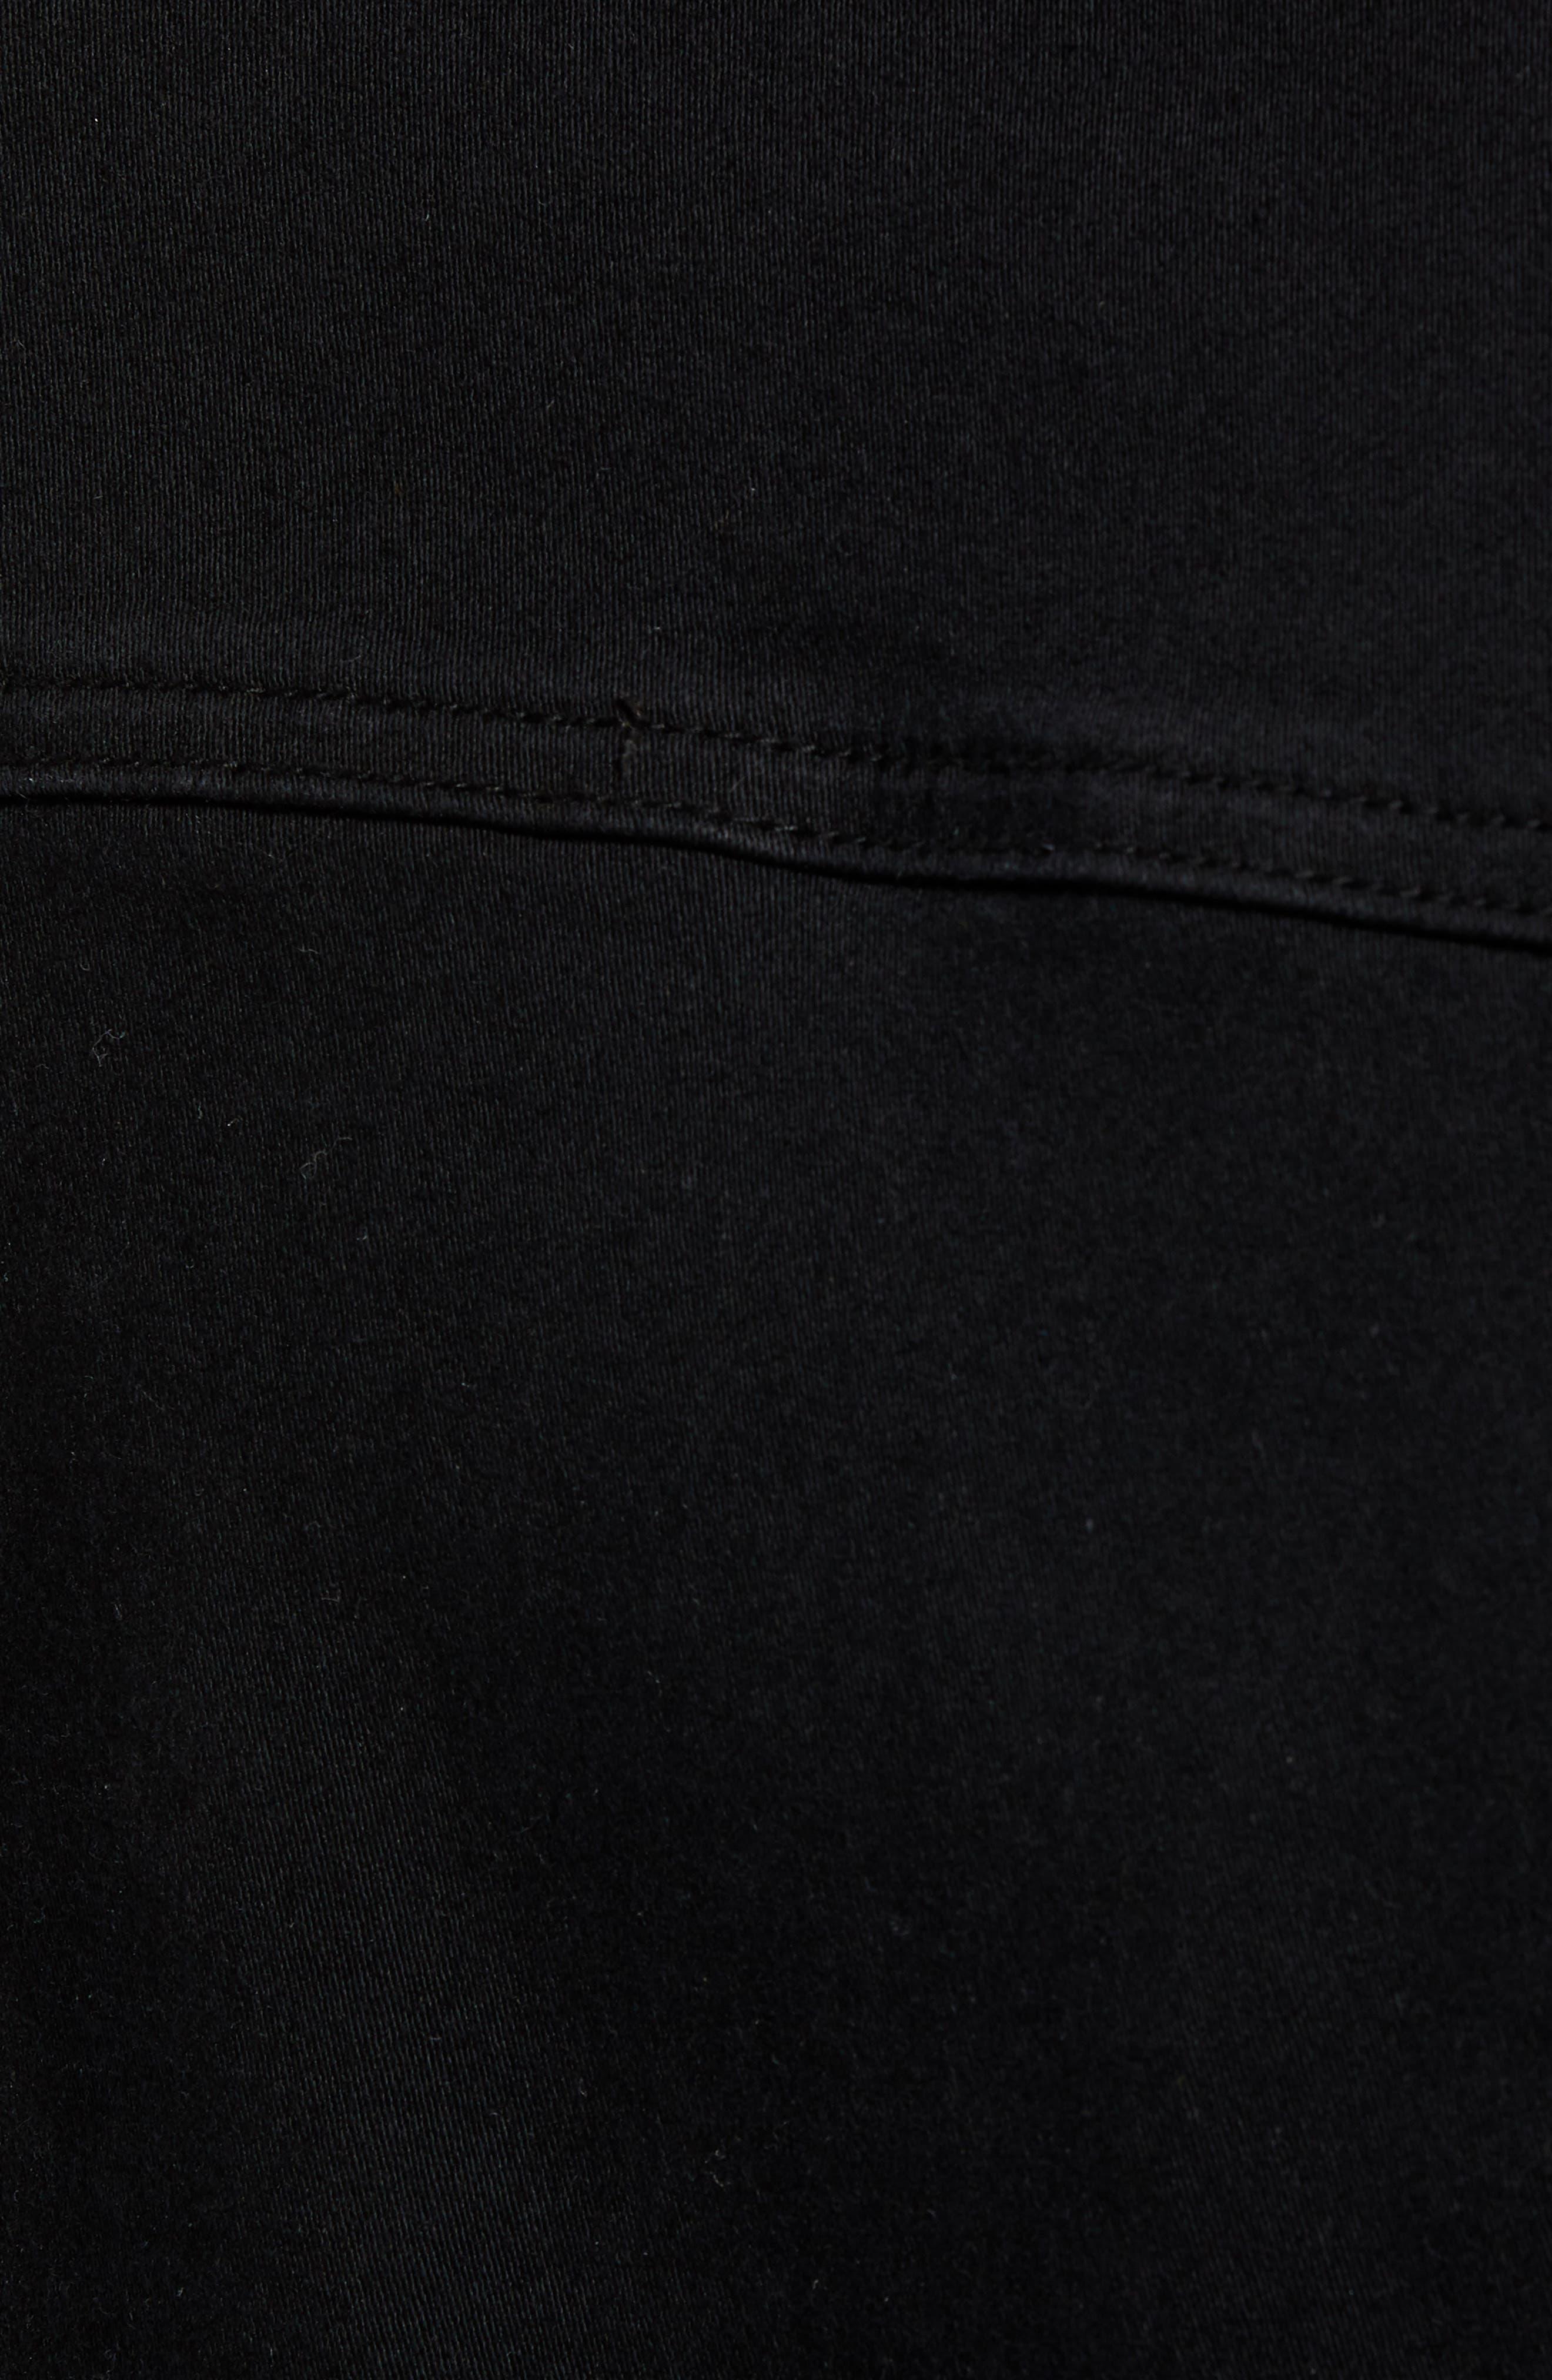 Contour Denim Jacket,                             Alternate thumbnail 7, color,                             BLACK